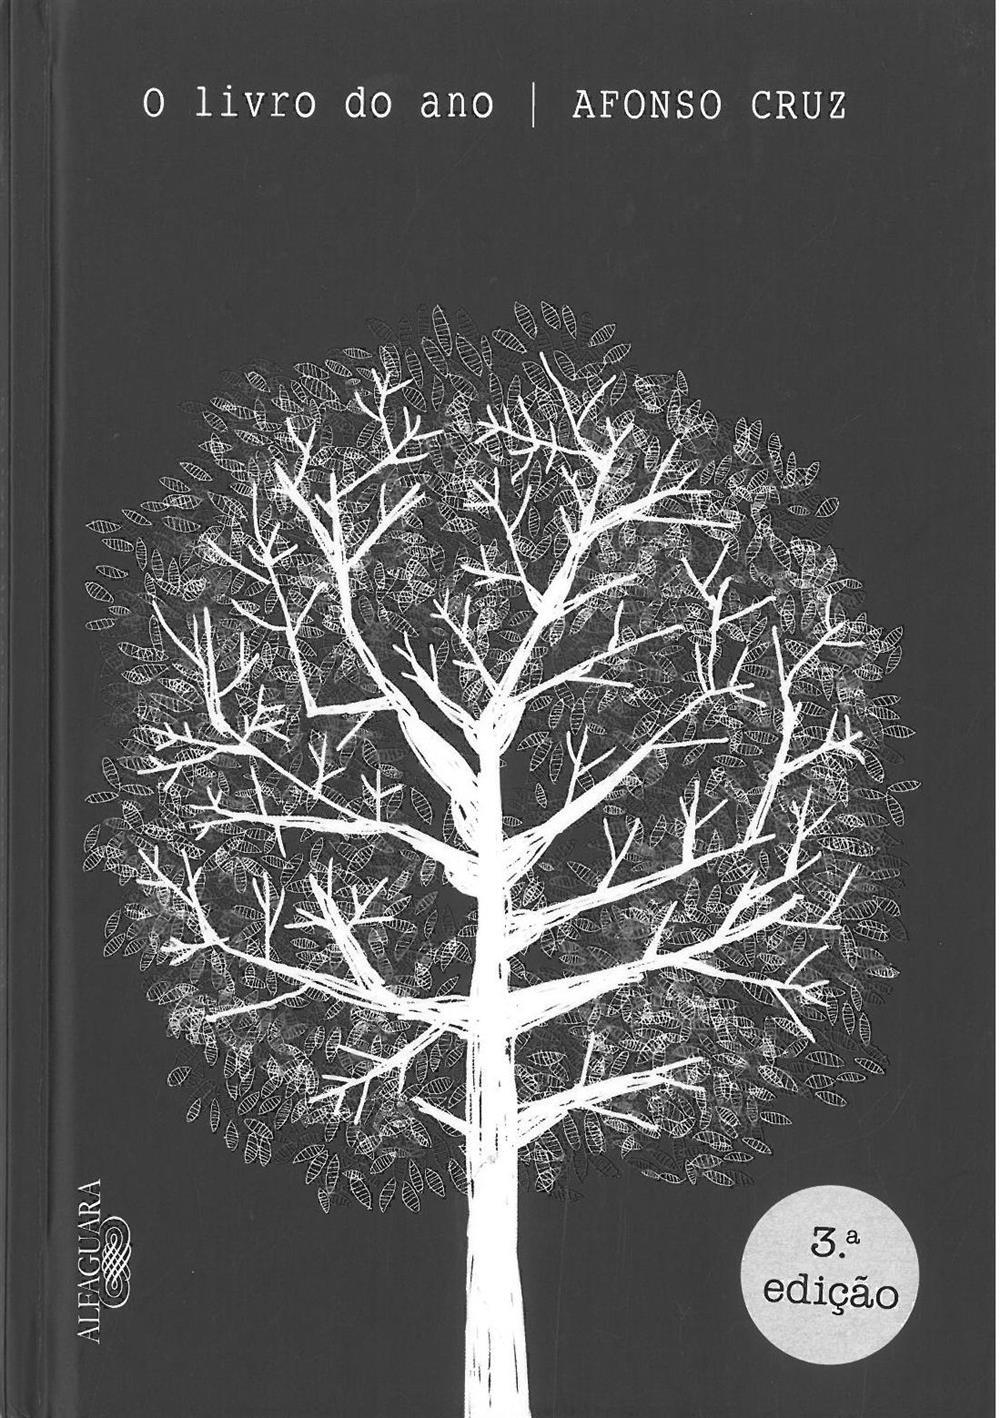 O livro do ano_.jpg